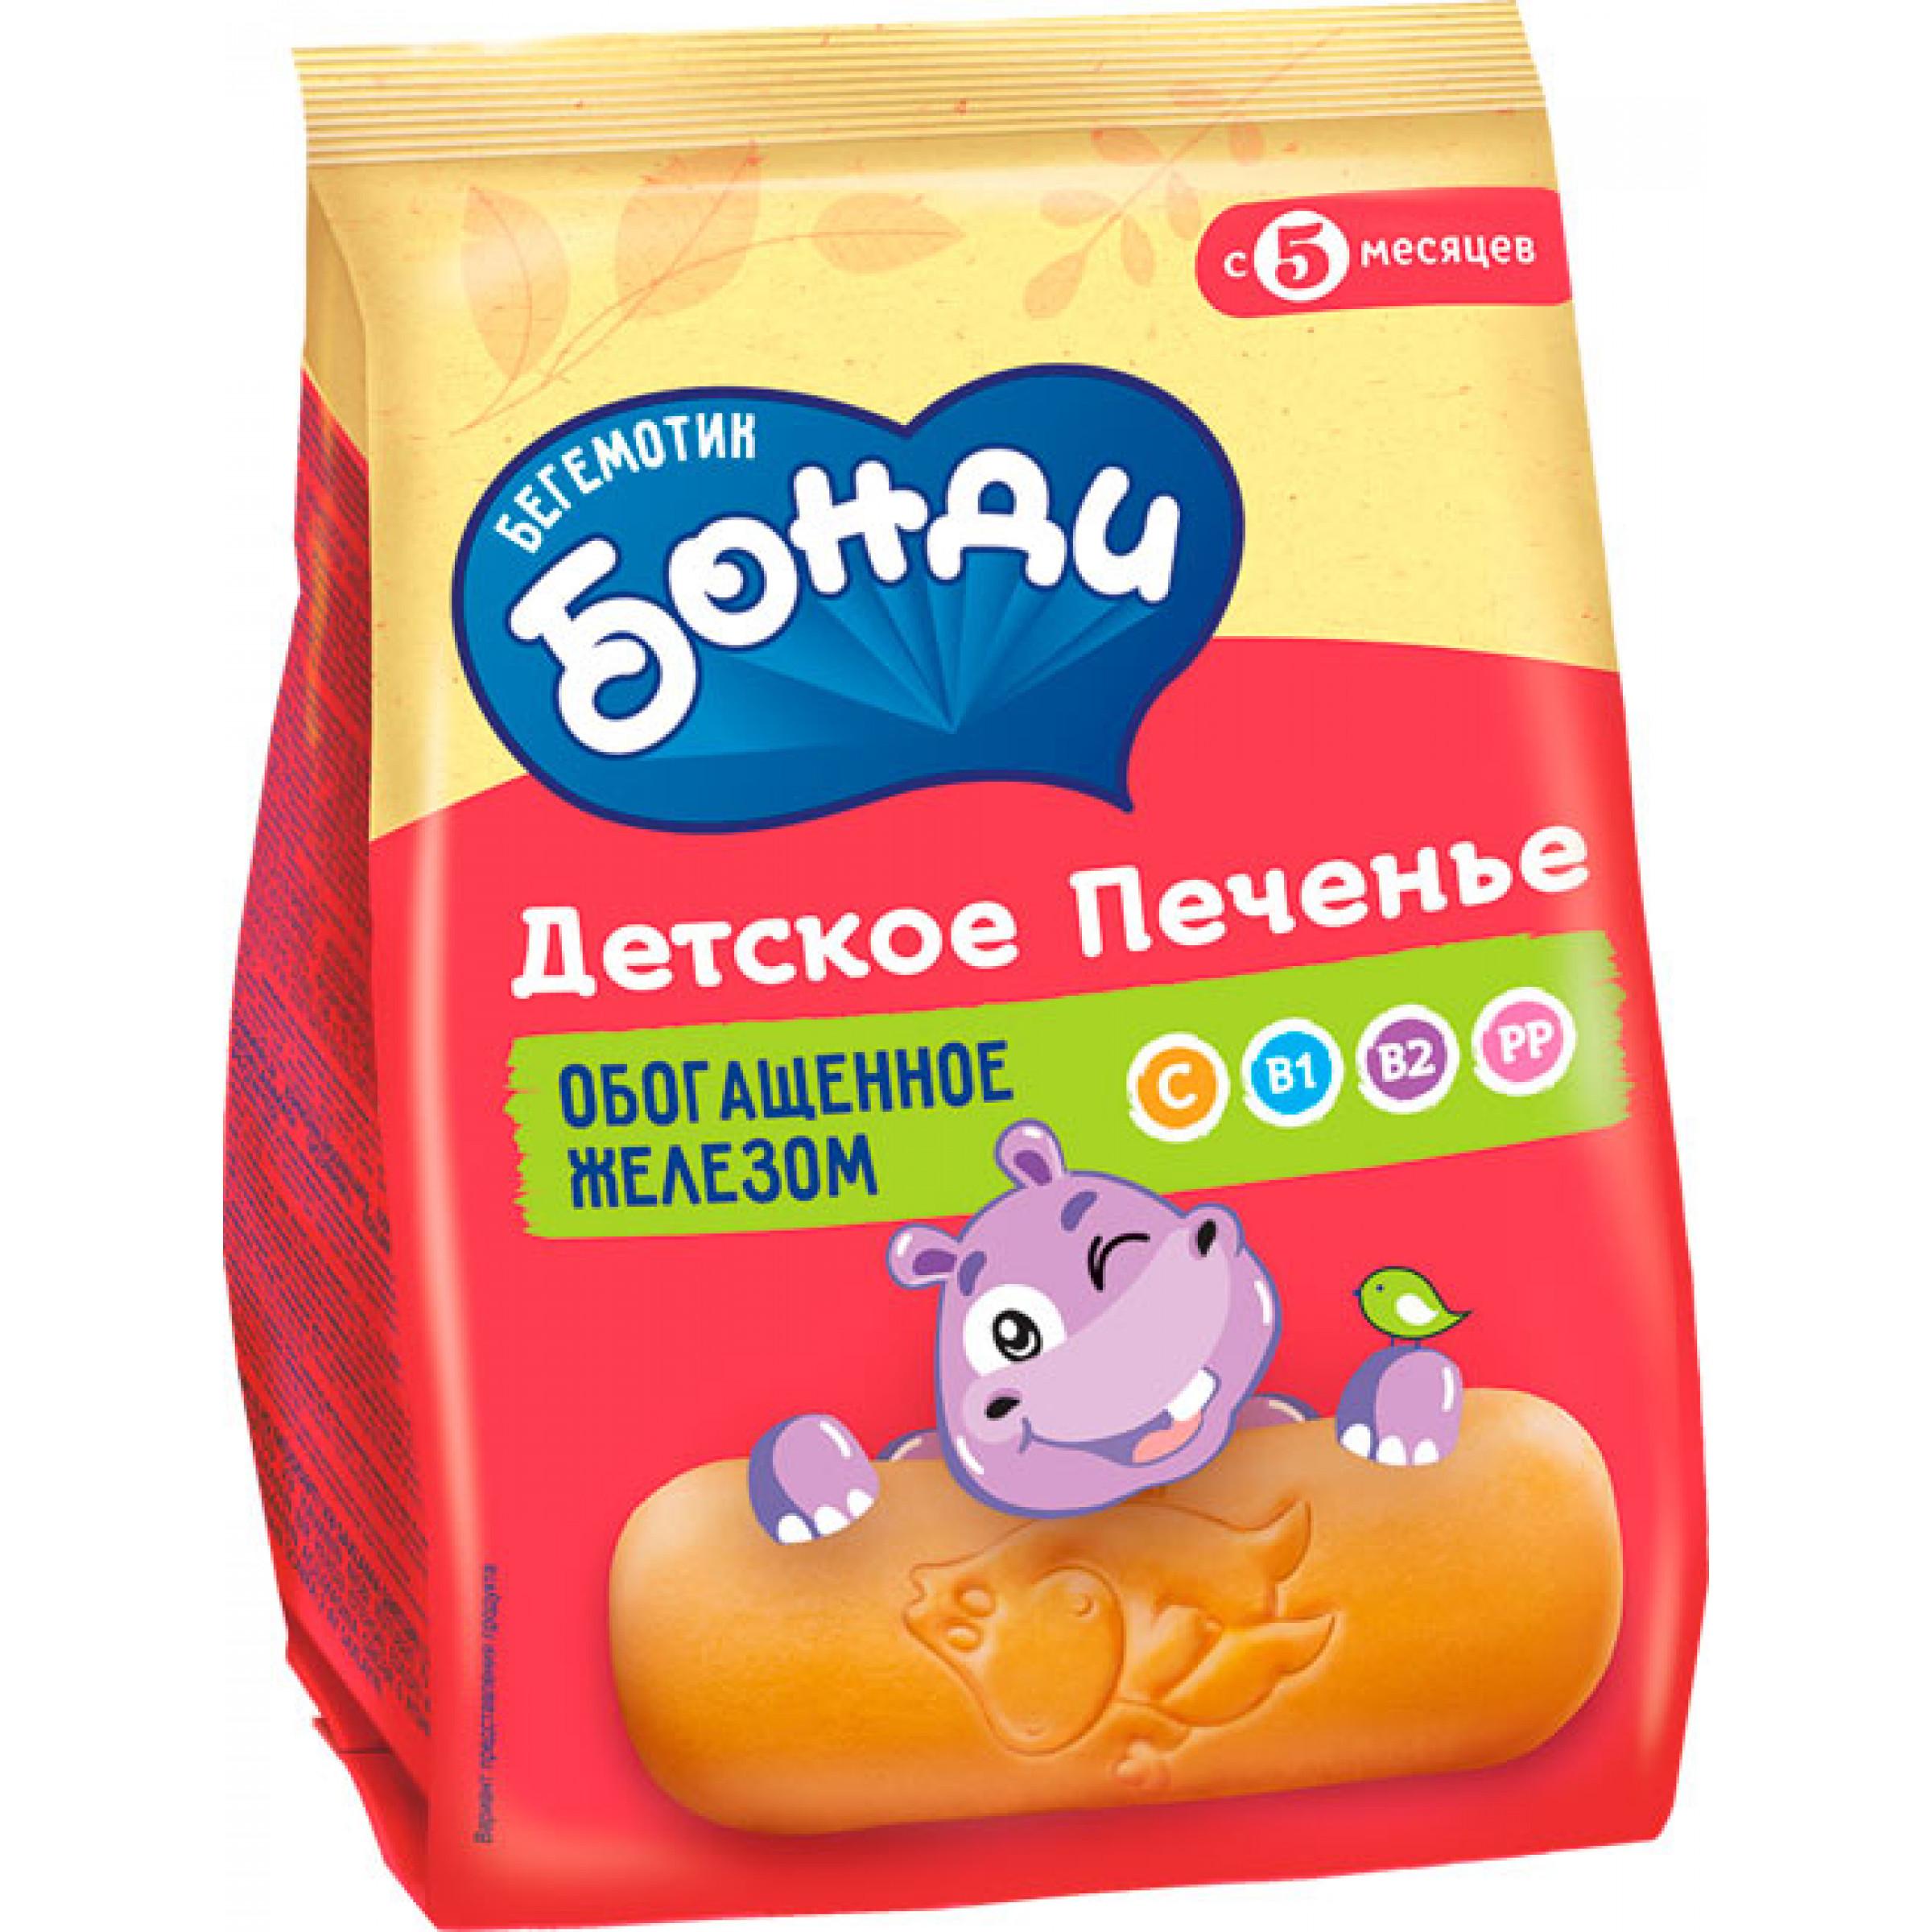 Детское печенье Бонди Бегемотик, обогащенное железом с 5 мес, 180 гр